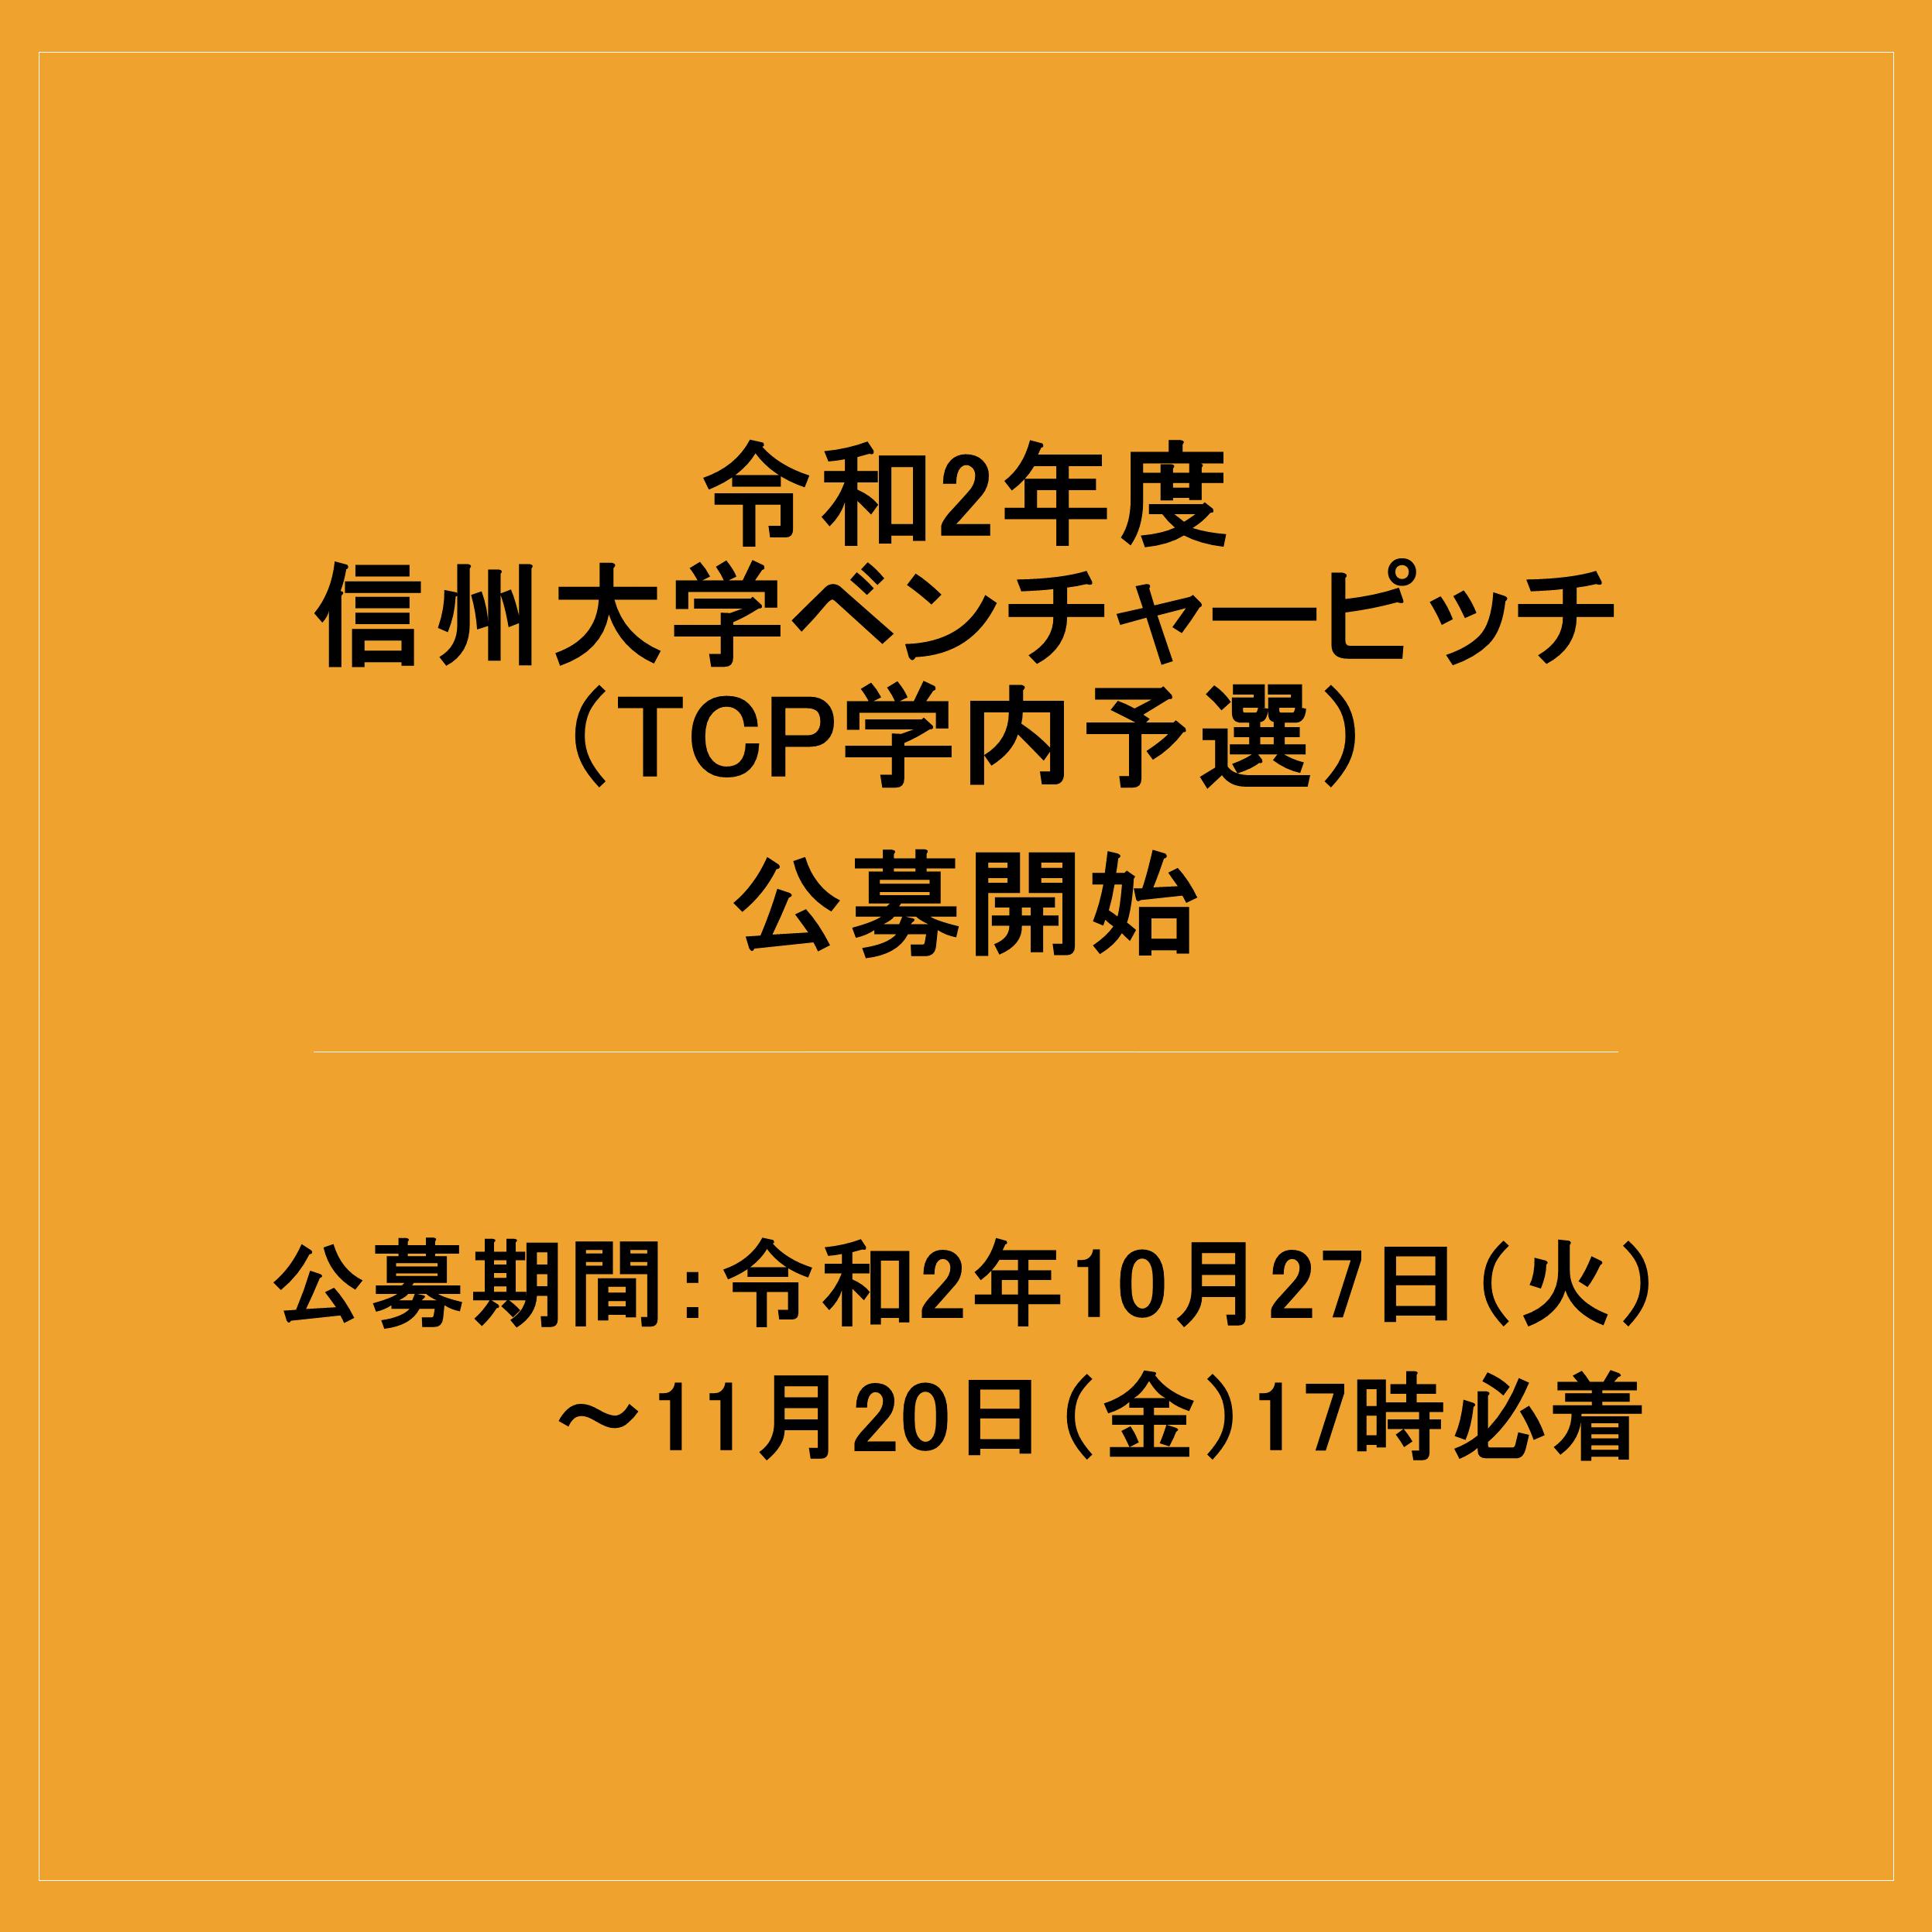 アイキャッチ画像:【公募】信州大学ベンチャーピッチ(TCP学内予選)